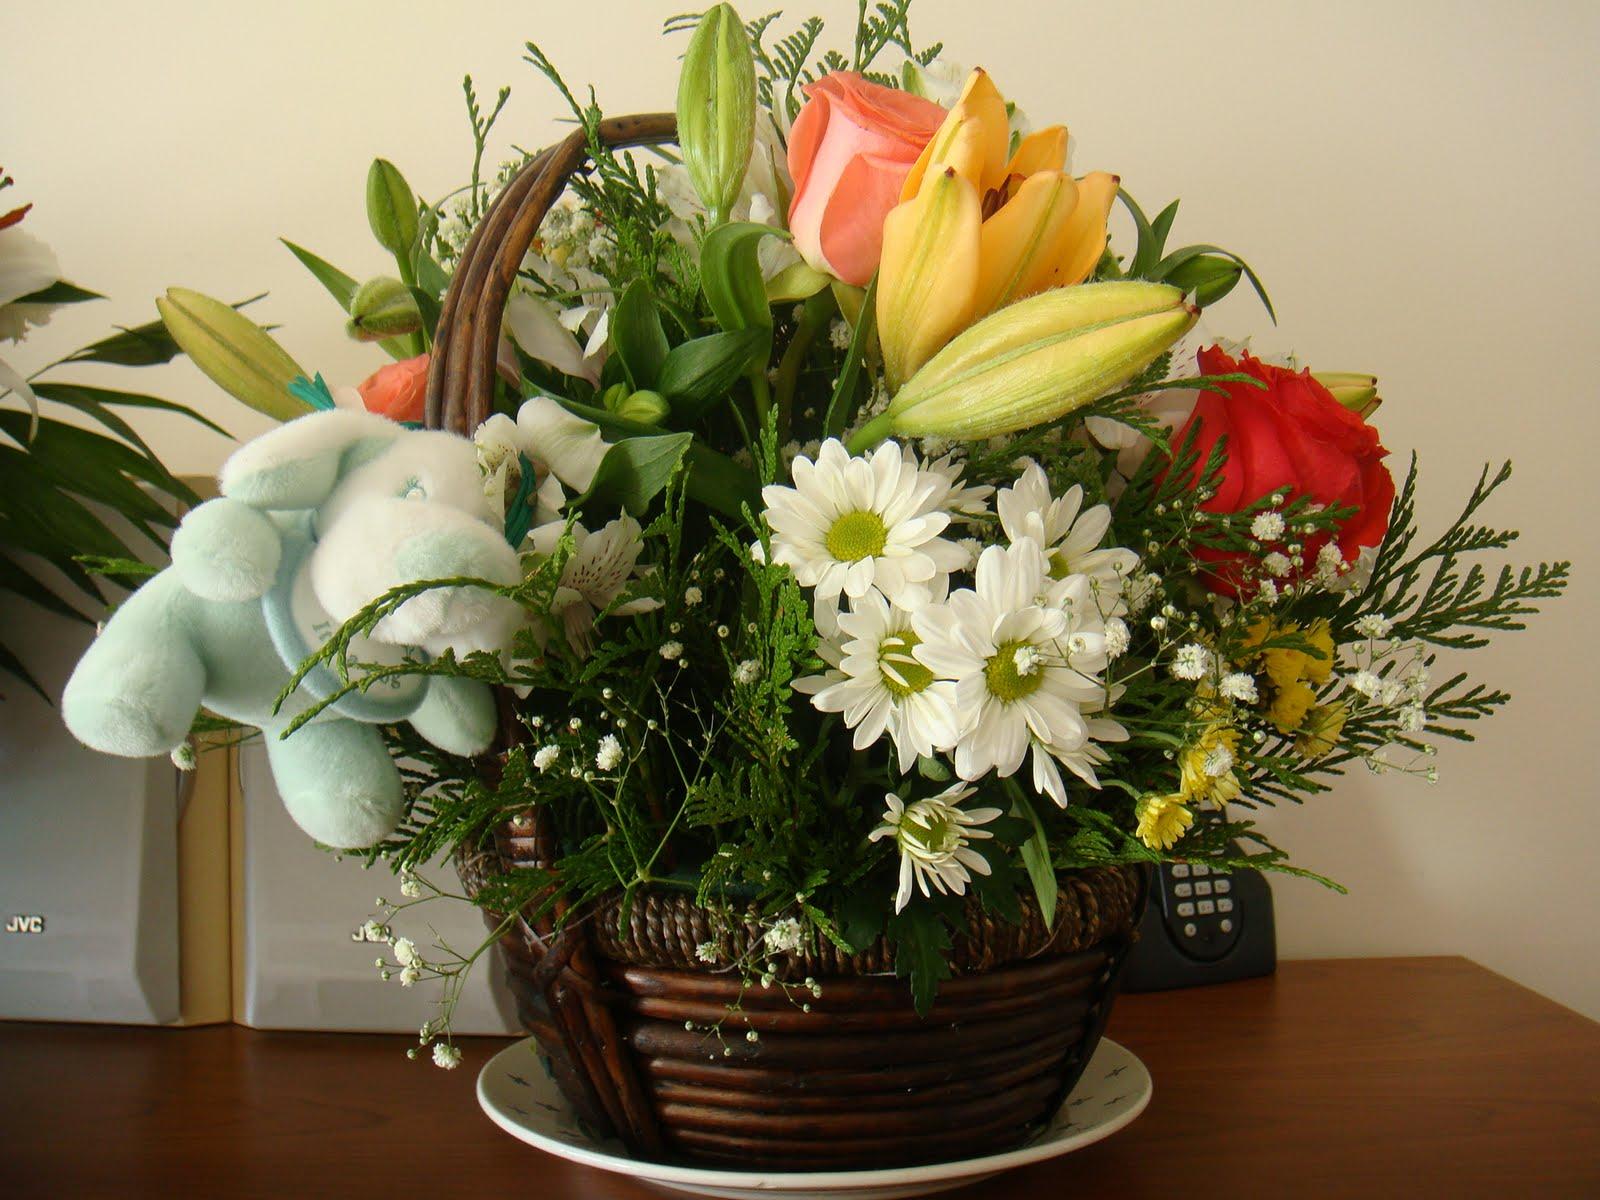 Ramos de flores preciosos cool ramos de flores para novias en cascada top precioso florero con - Fotos de ramos de flores preciosas ...